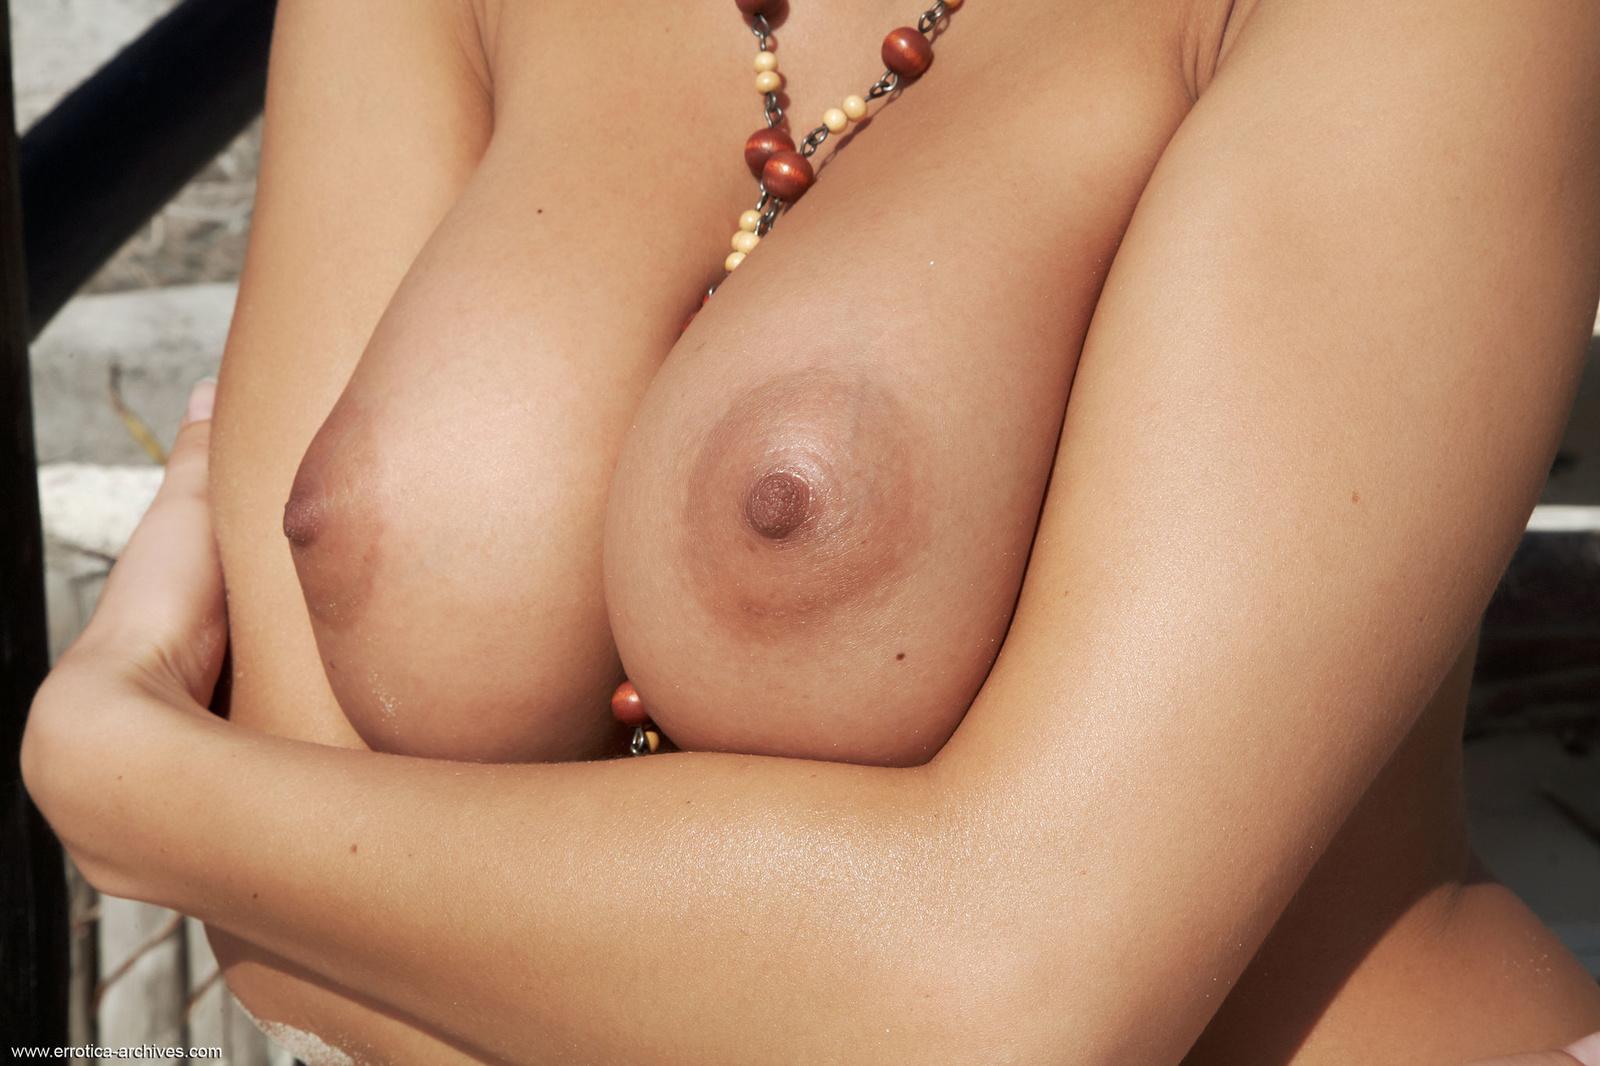 Zdjęcie porno - 133 - Pieszczenie cycków